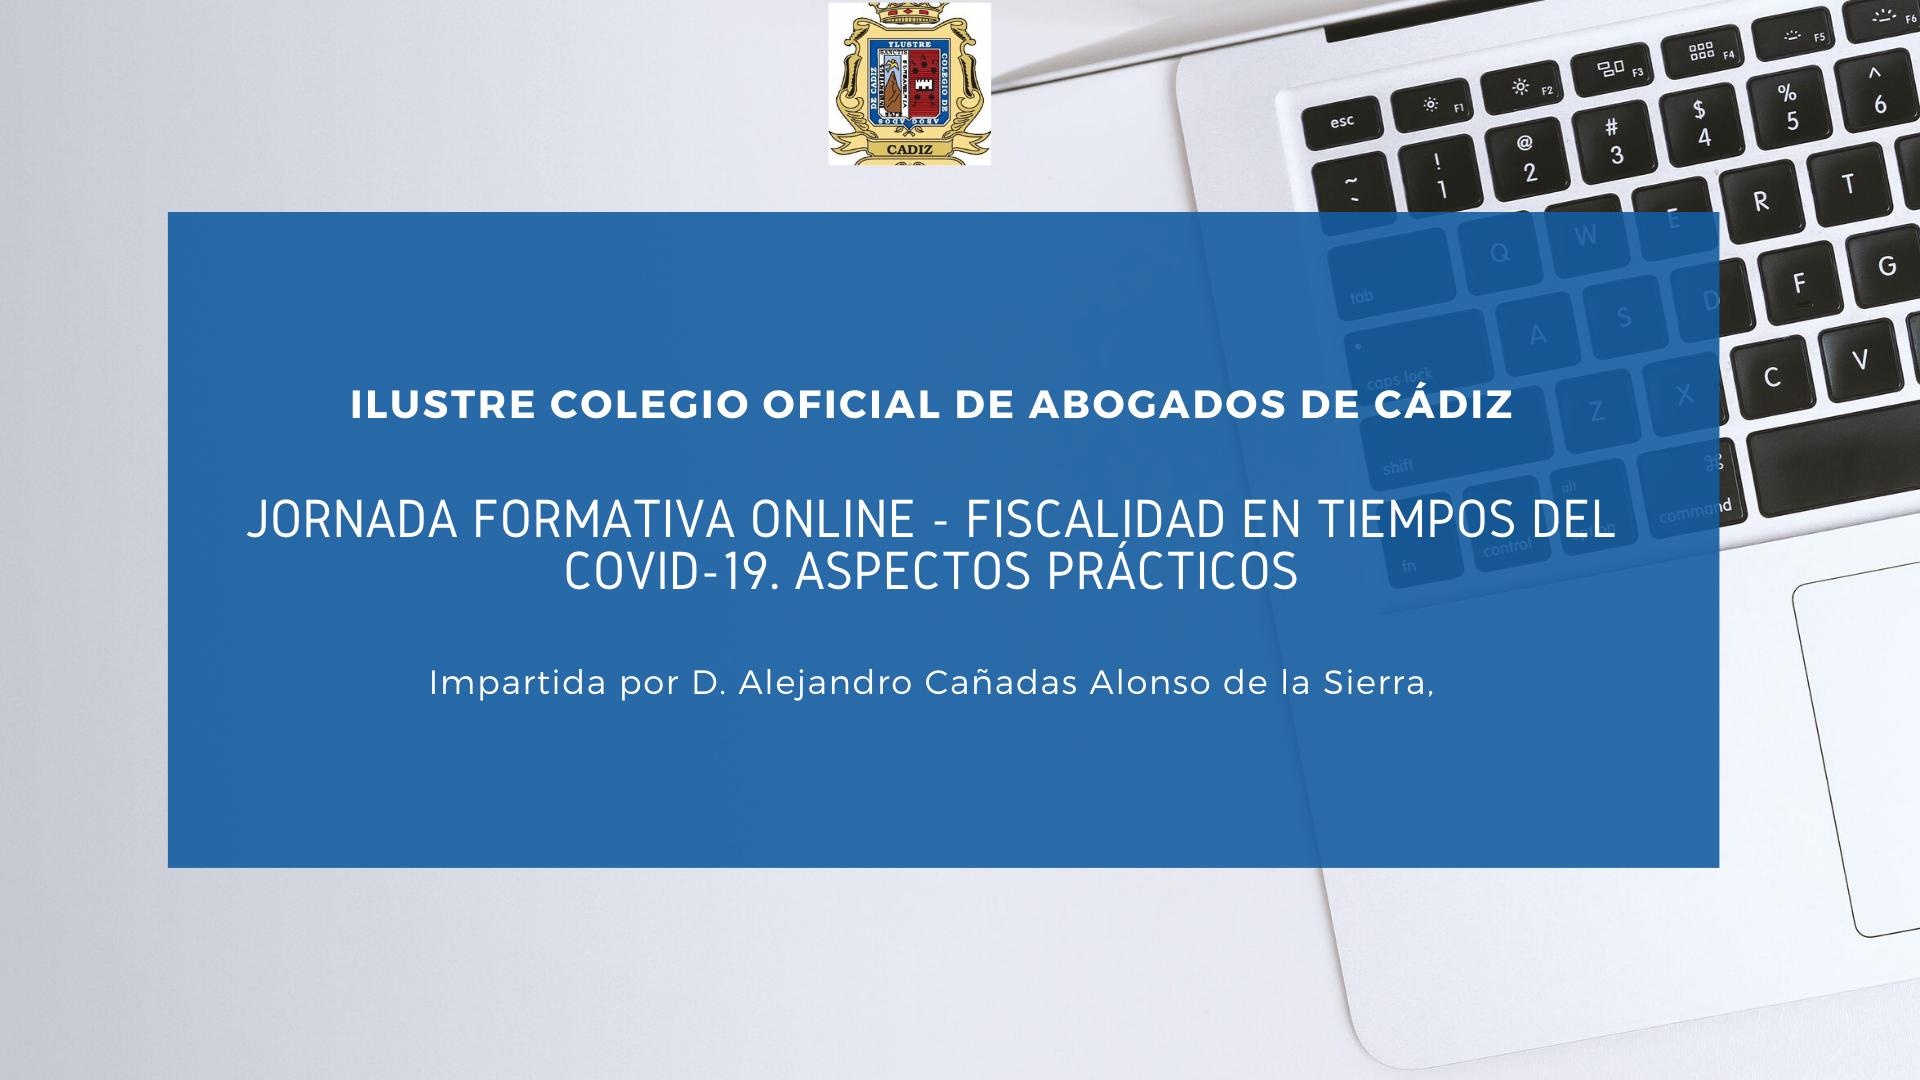 Formación Online: Fiscalidad En Tiempos Del COVID-19. Aspectos Prácticos